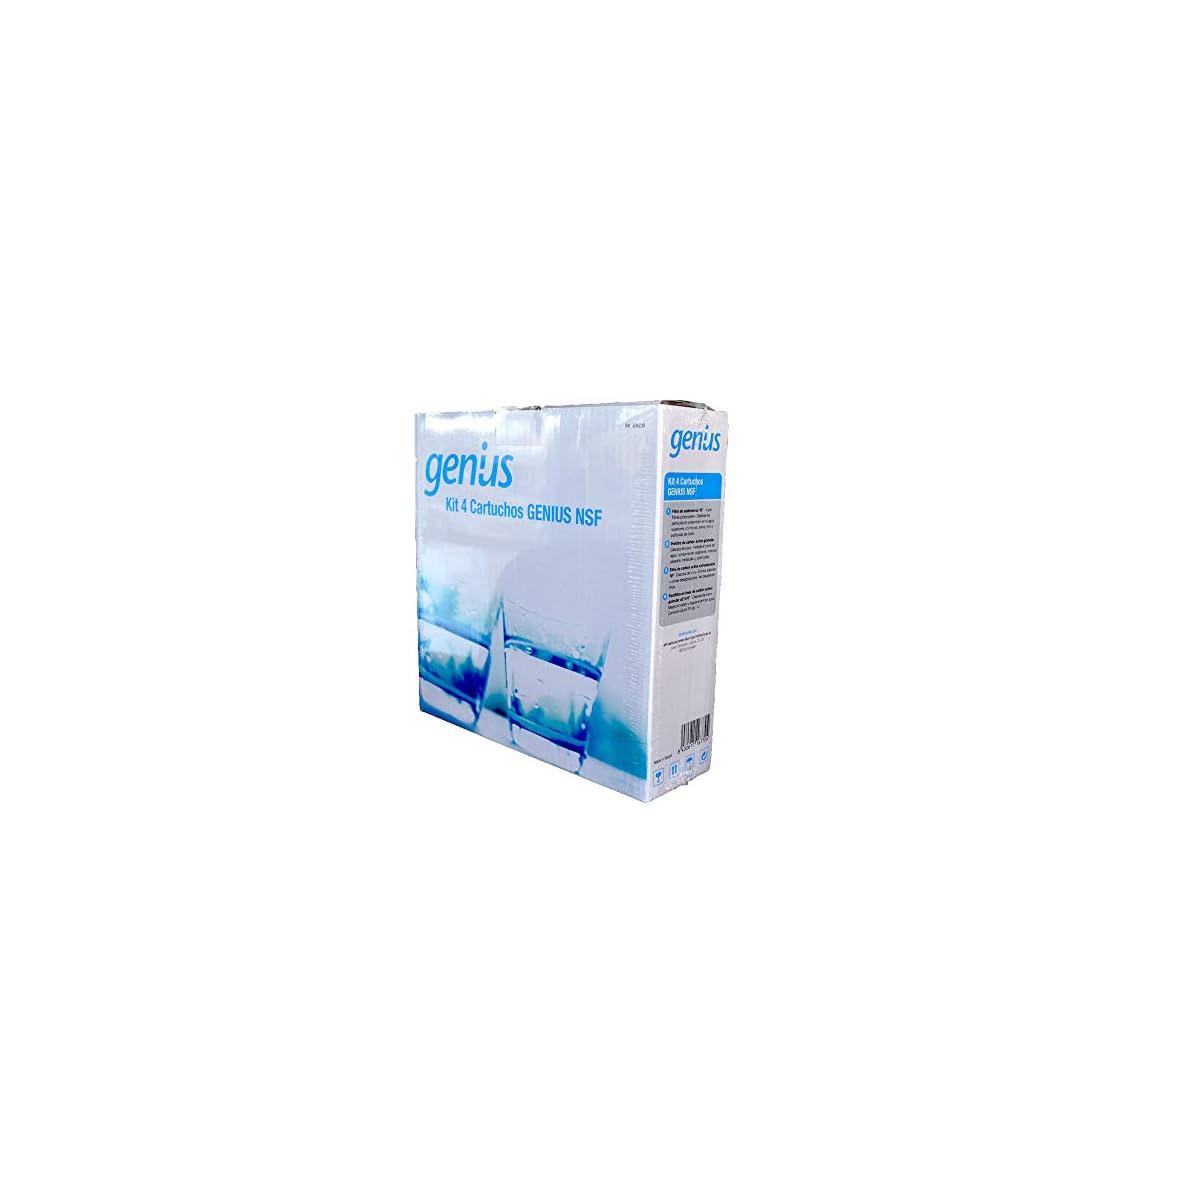 41ze38eu4bL. SS1200  - ATH - Recambios osmosis Genius NFS - Cartucho Superior Conexión Directa. Antibacterias 304230